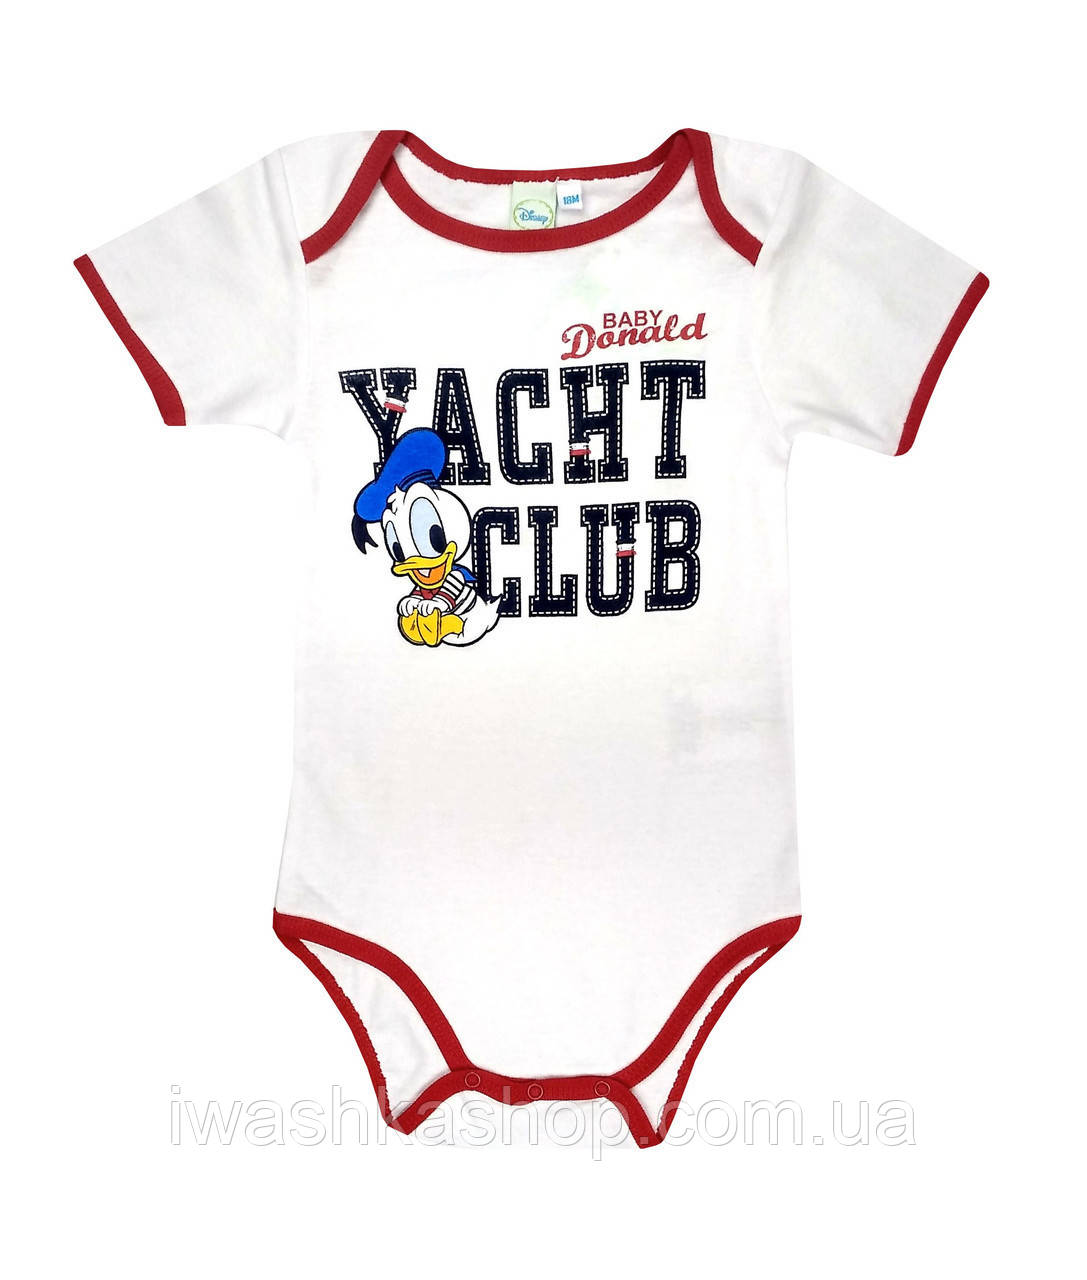 Стильне біле боді з коротким рукавом, з принтом Доналда Дака (Donald Duck) на хлопчика 12 місяців, Disney